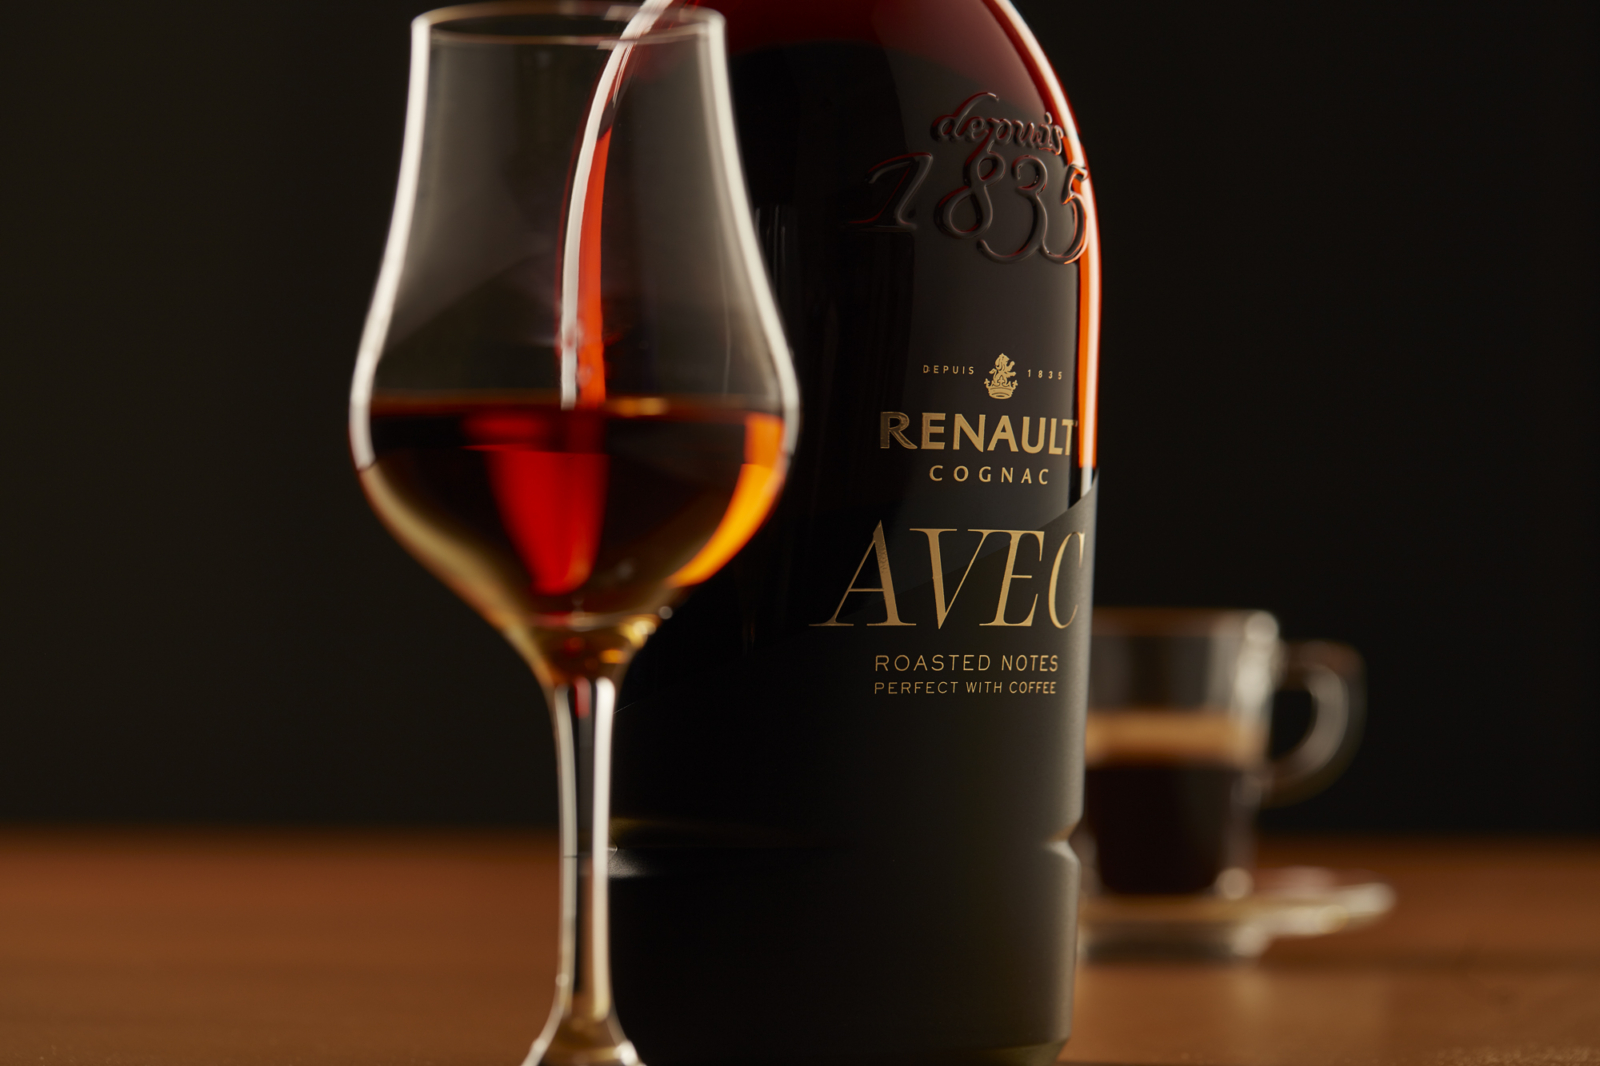 Renault Cognac AVEC - Un design pensé par l'agence de design de Paris Partisan du Sens.